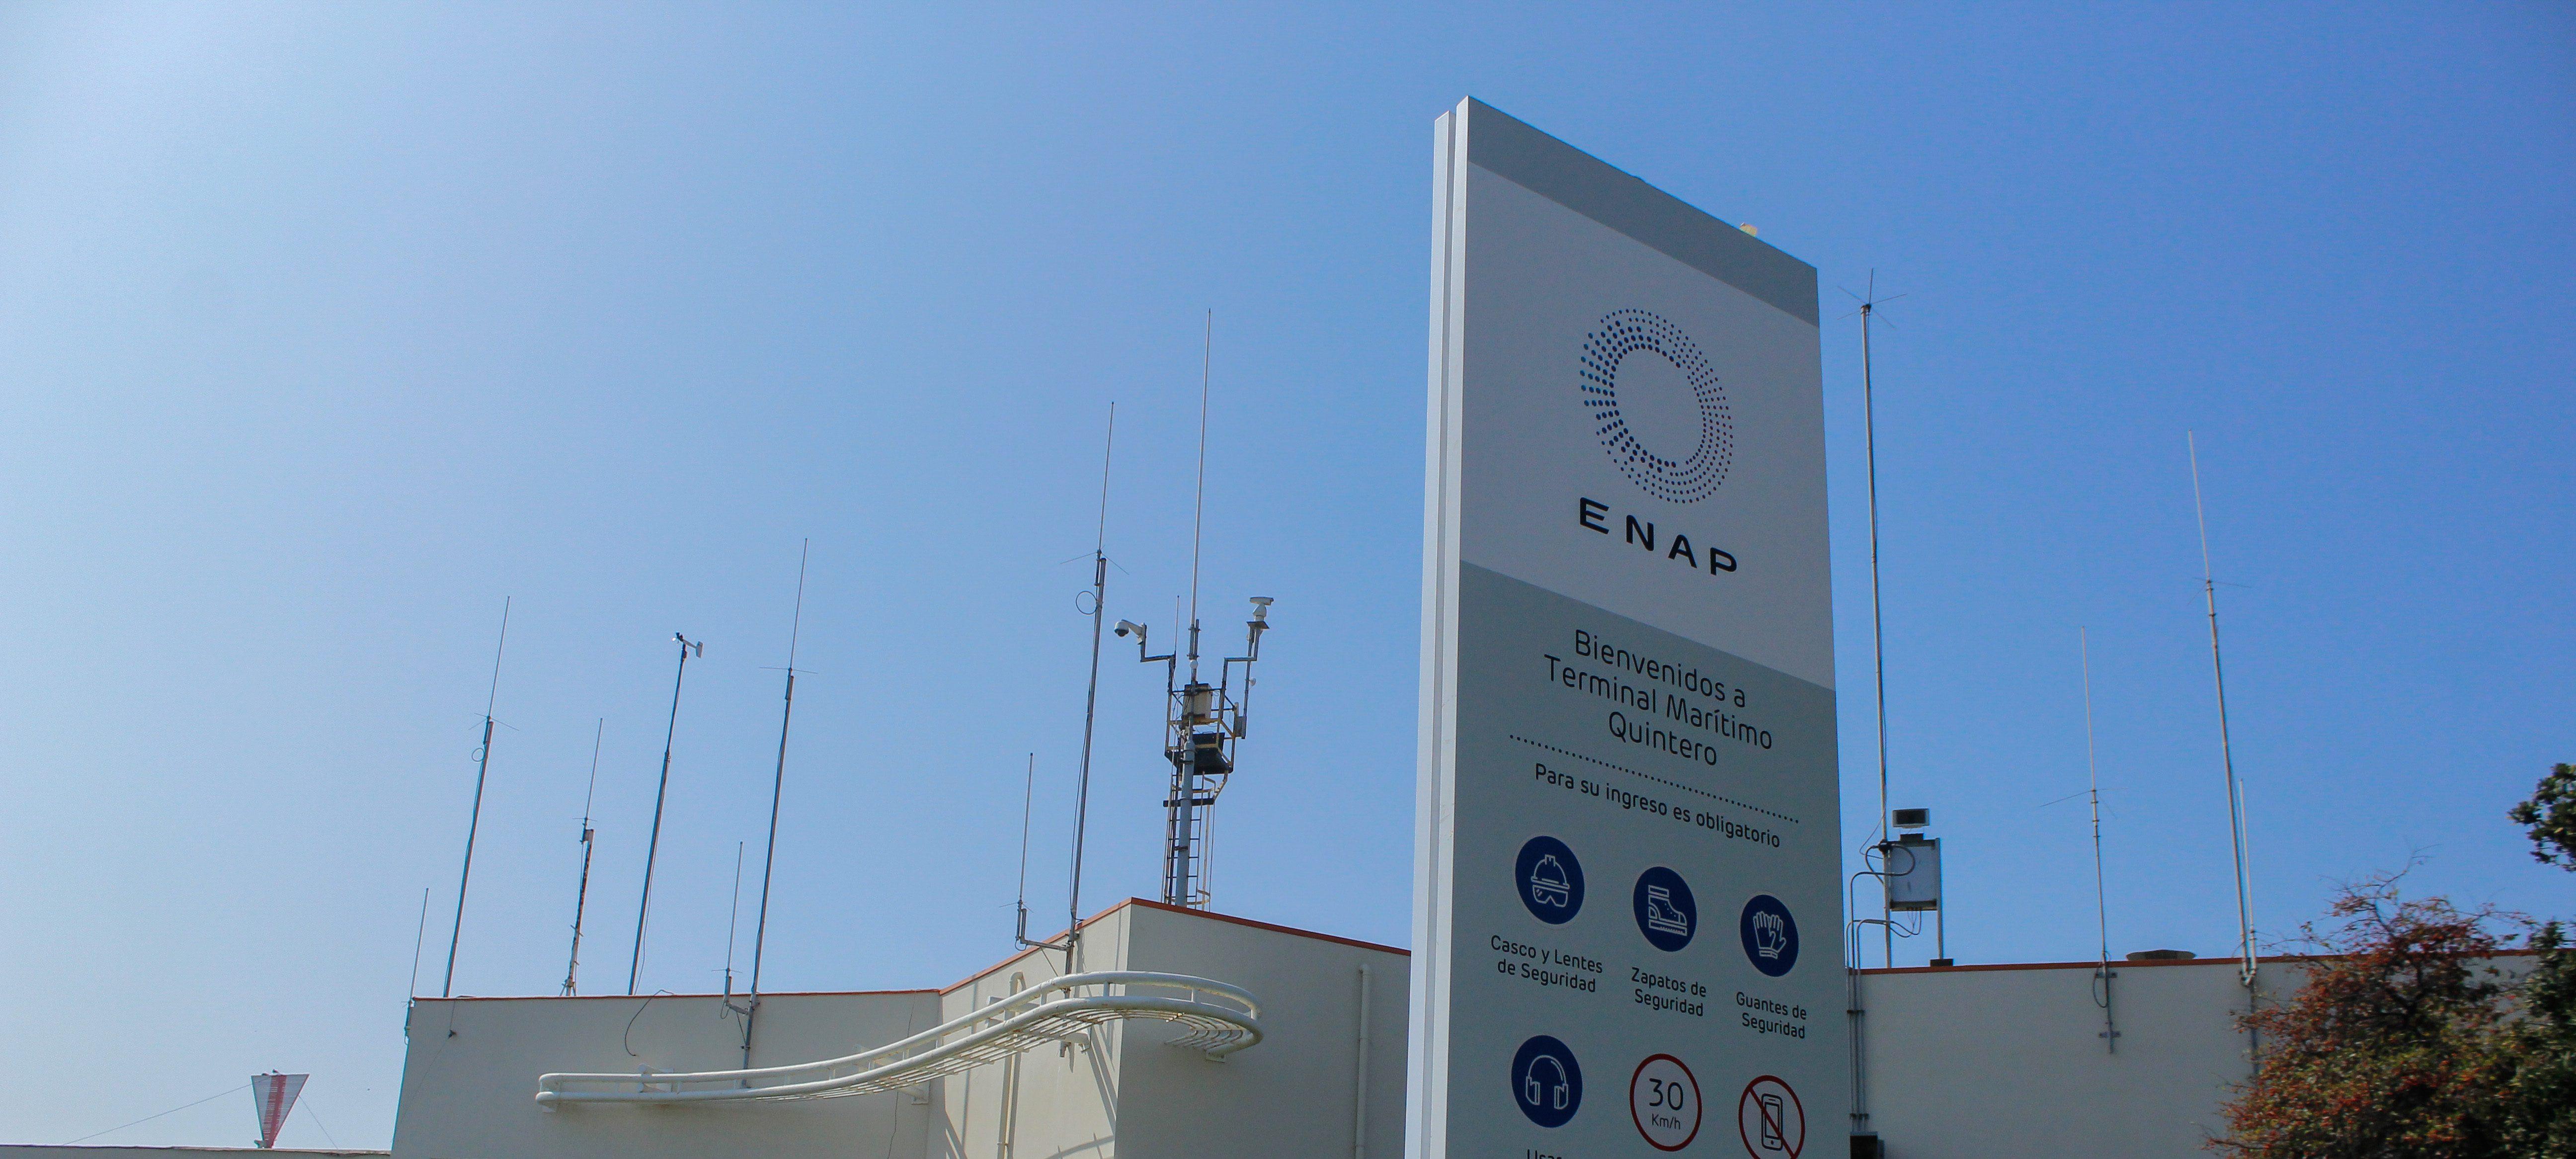 Ejecutivos de ENAP serán formalizados en noviembre